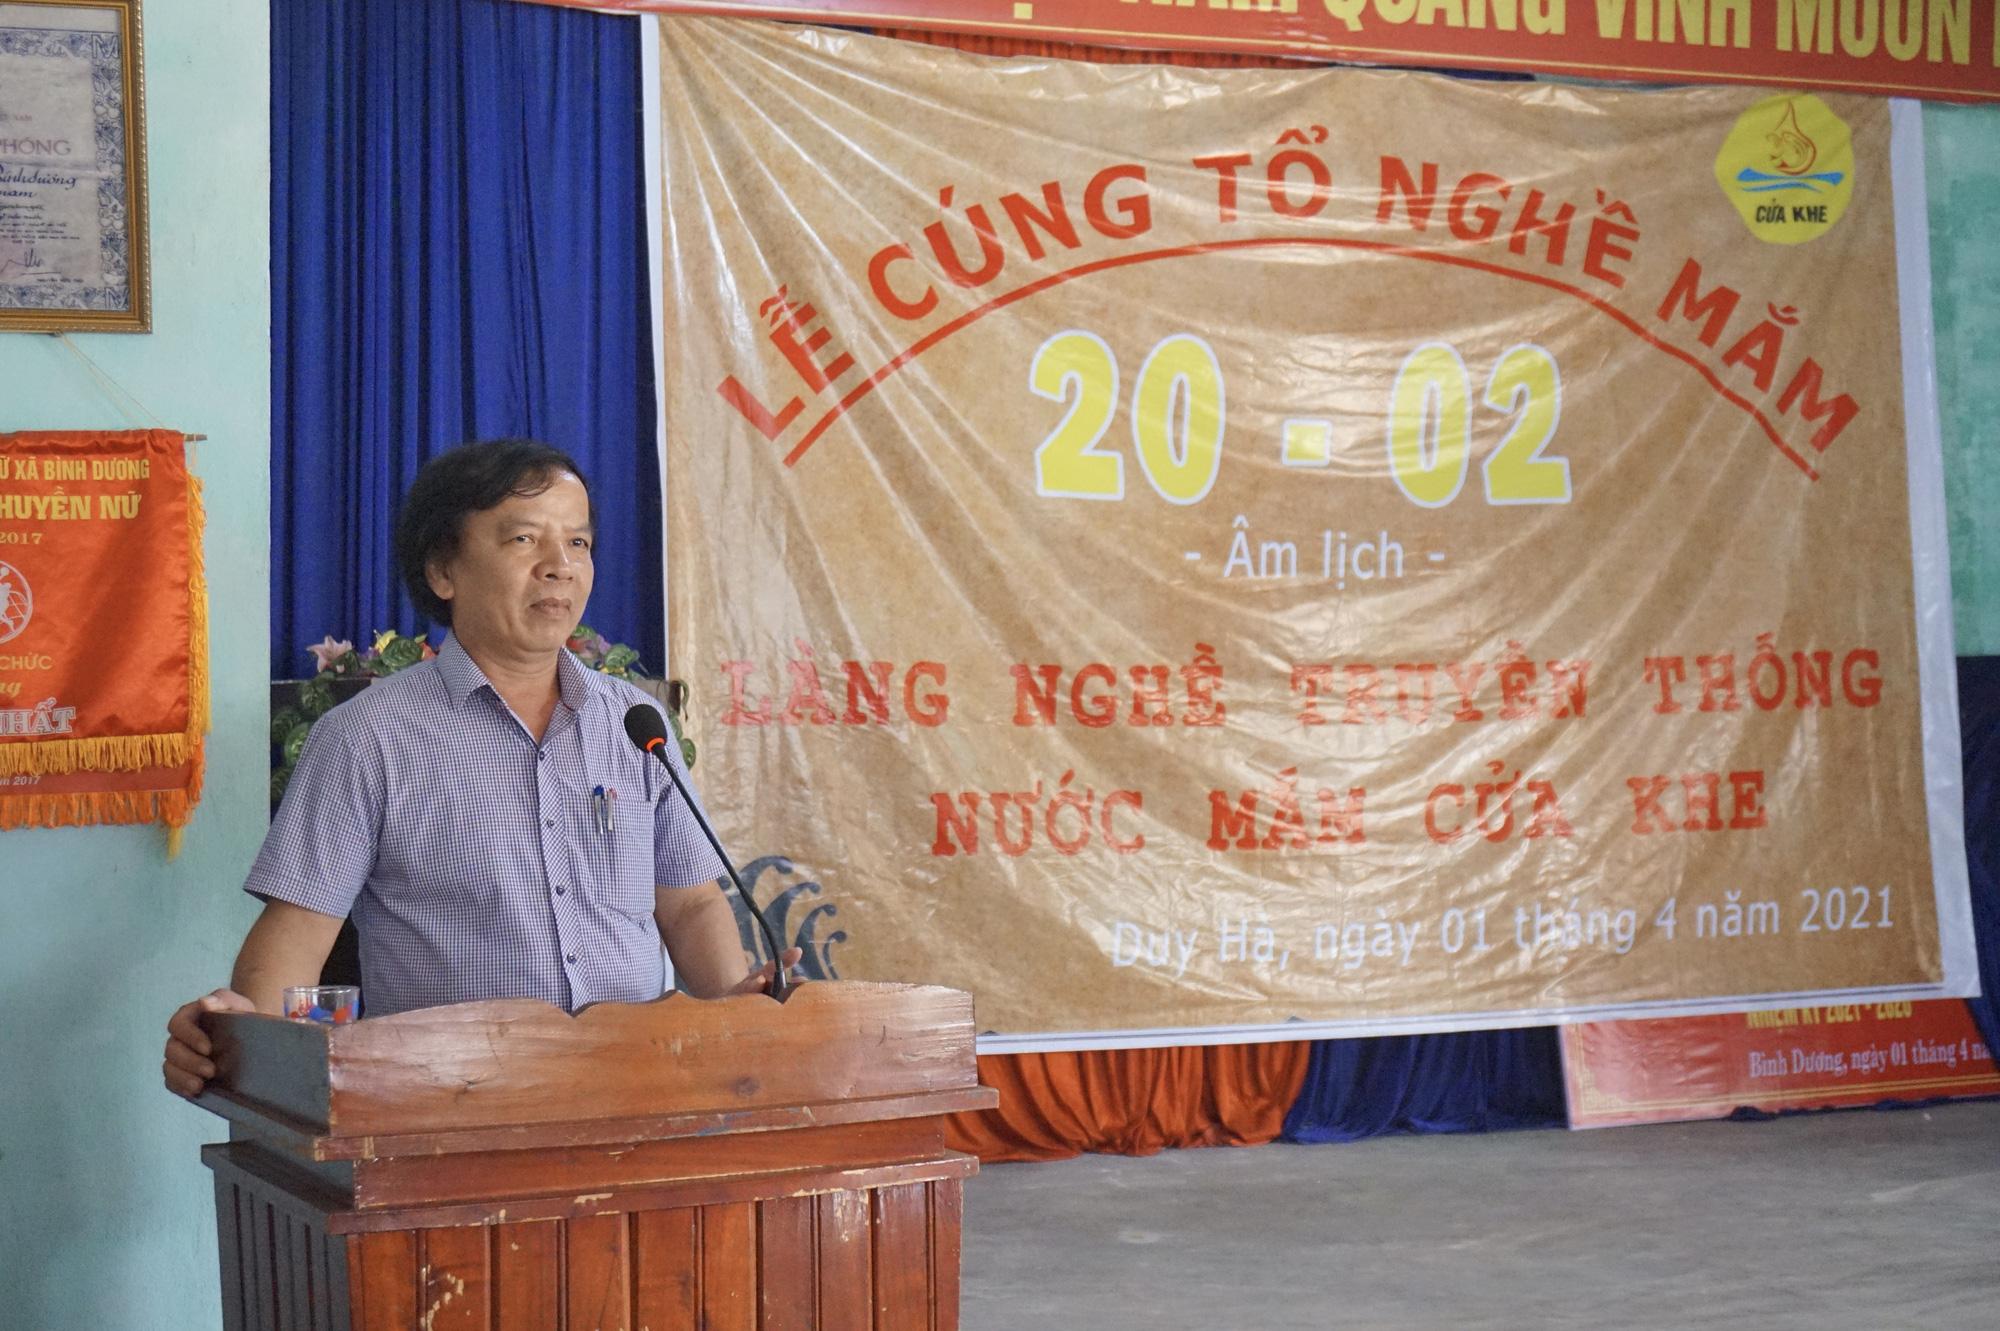 Quảng Nam: Làng Cửa Khe tổ chức lễ cúng tổ nghề mắm - Ảnh 4.